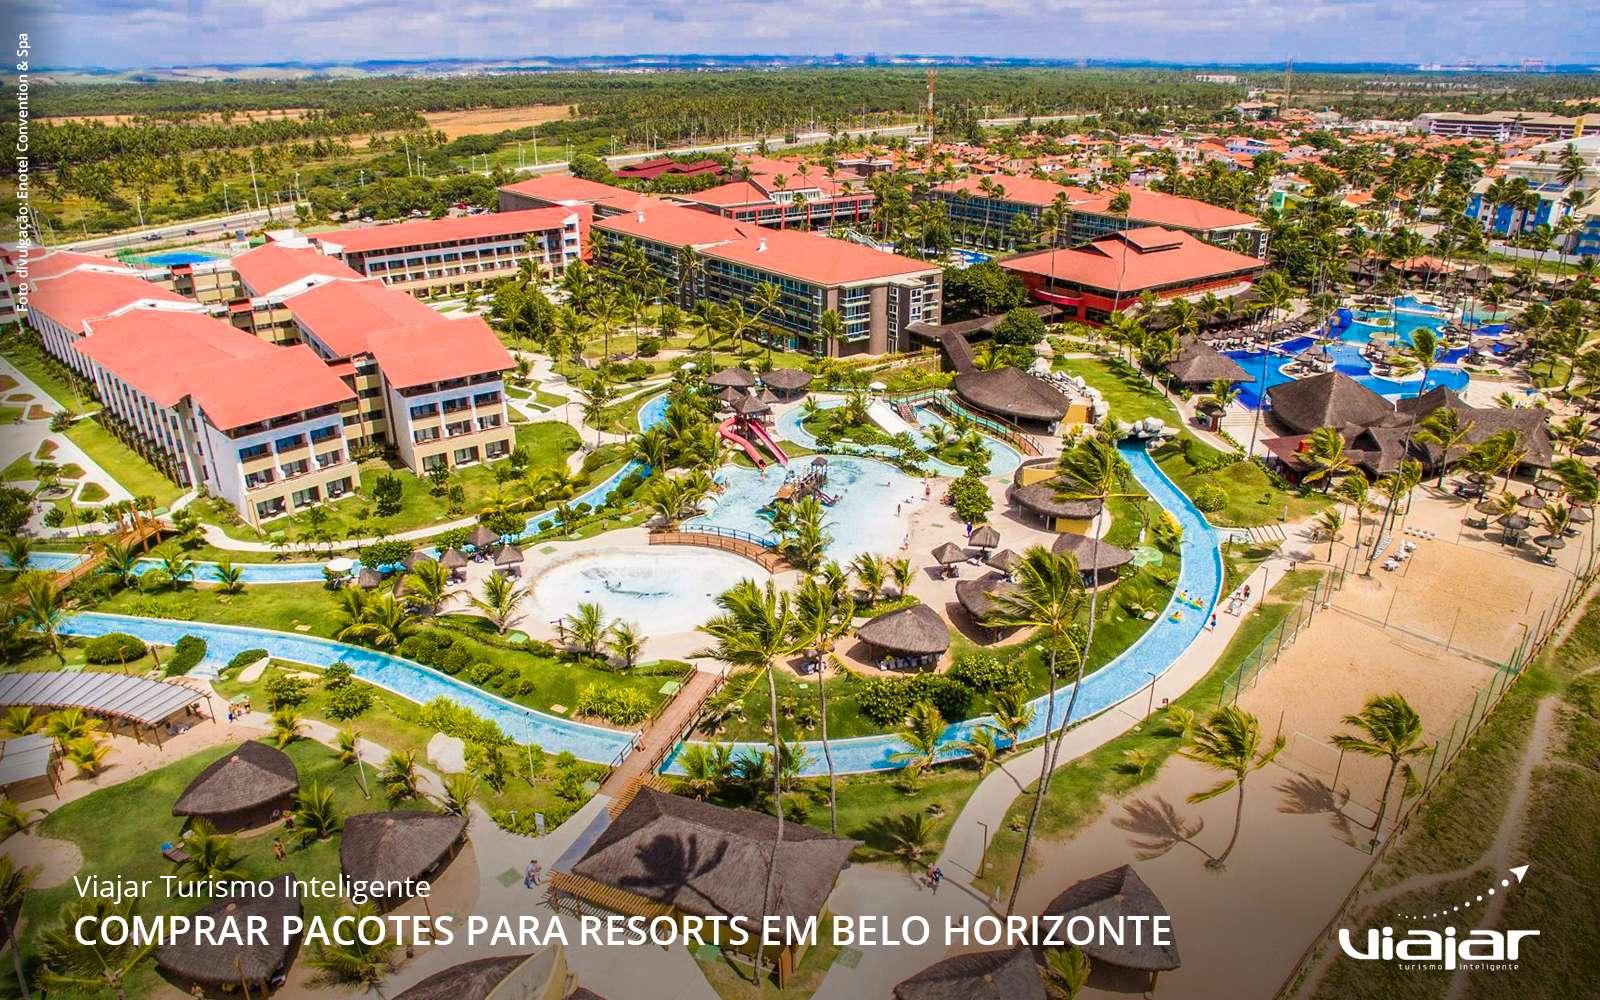 viajar-turismo-inteligente-comprar-pacotes-resorts-belo-horizonte-minas-gerais-09-1